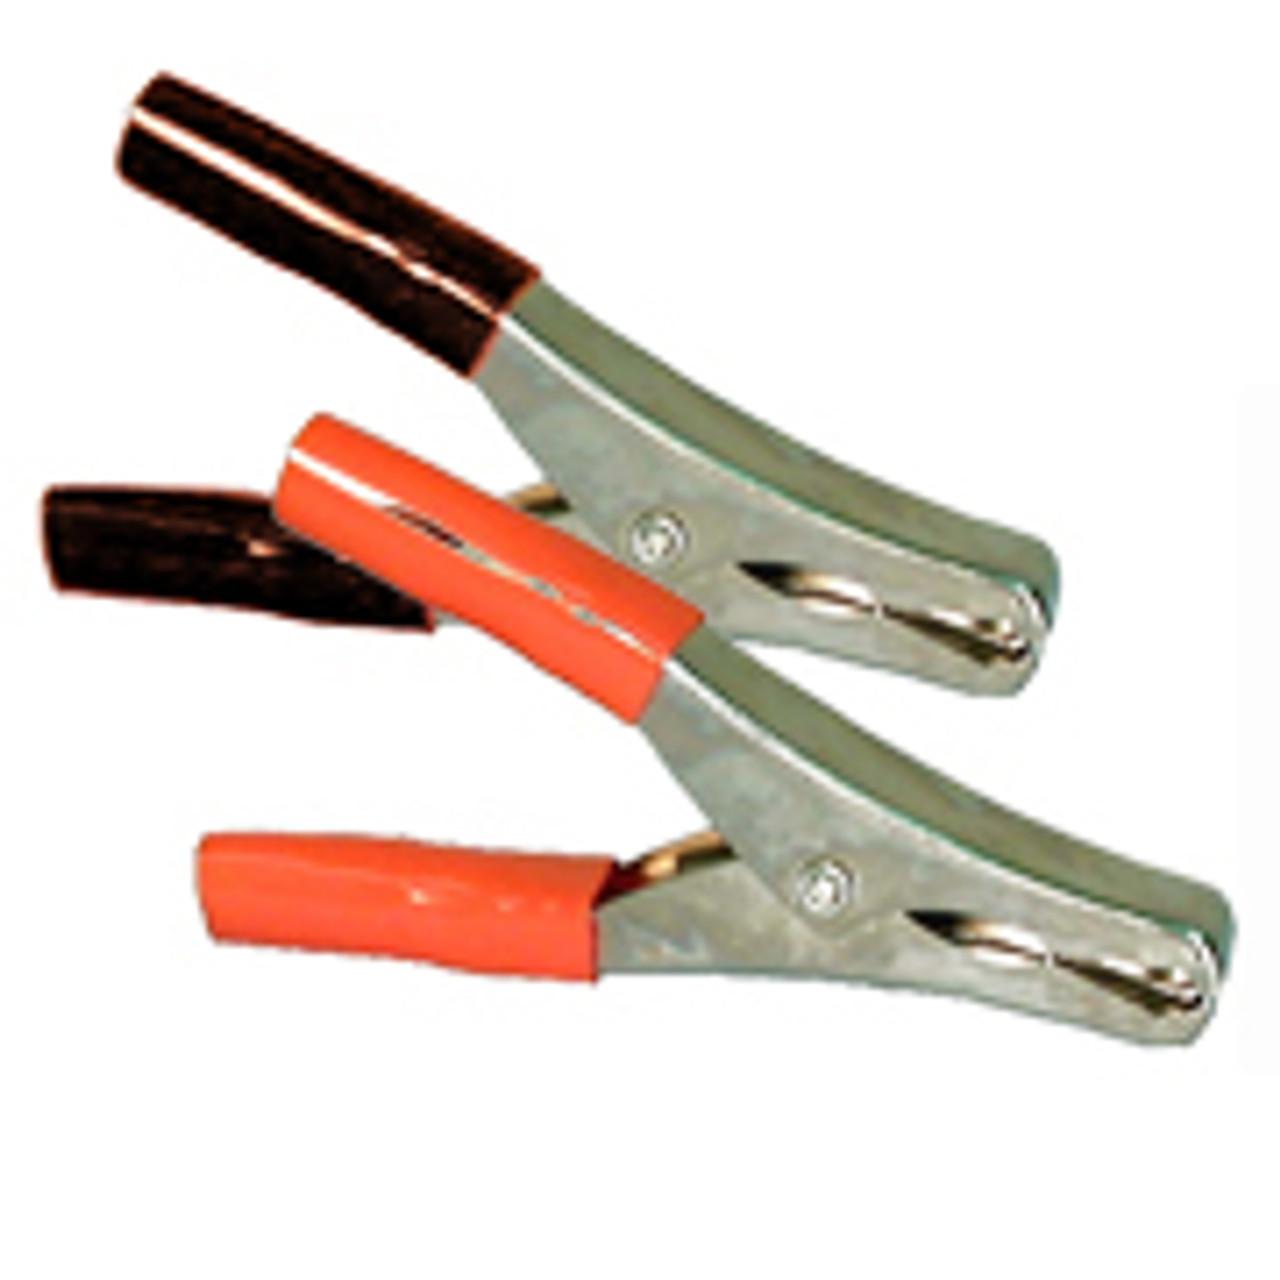 Auto Plier-Type Clip - 50 Amp